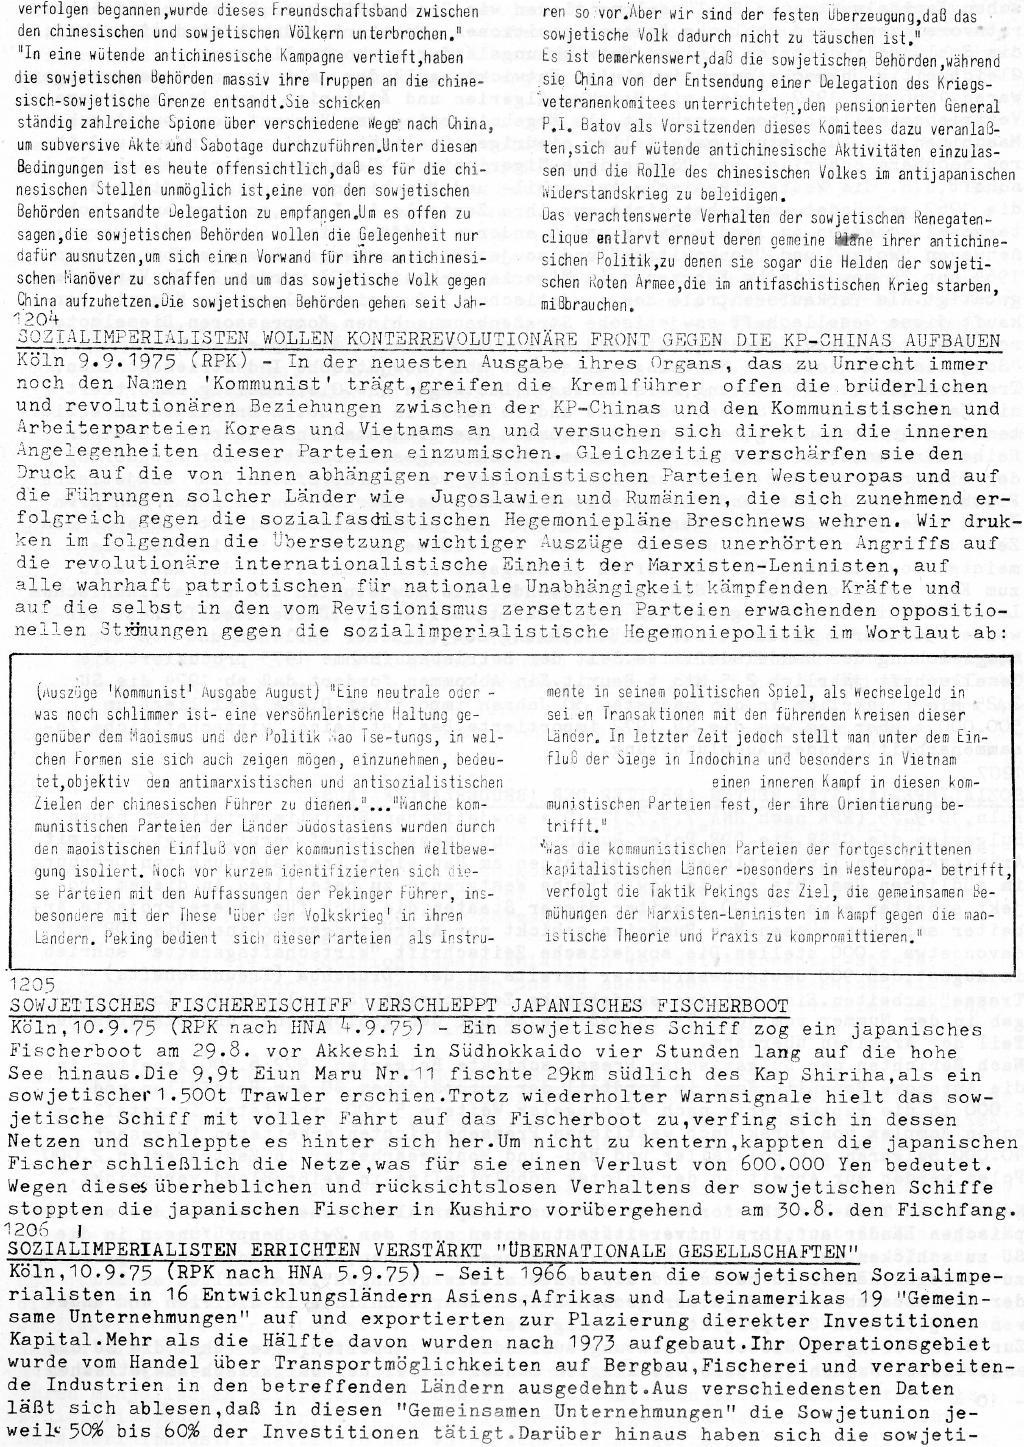 RPK_Pressedienst_1975_43_09